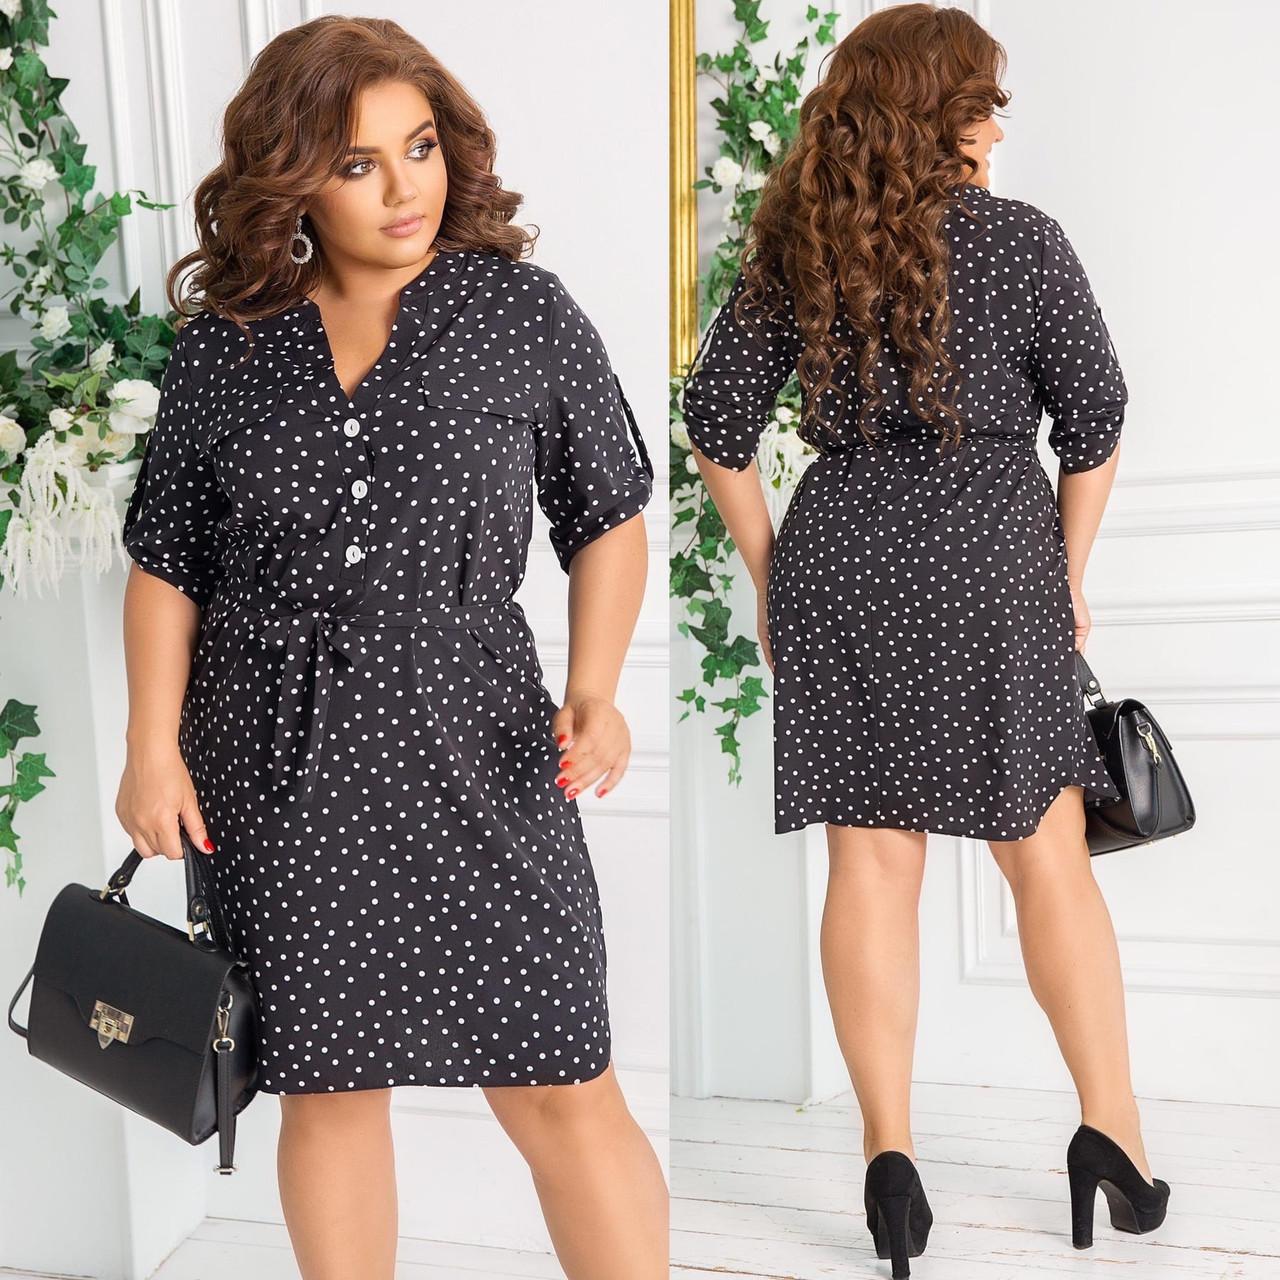 Летнее легкое платье-рубашка в горошек с поясом, батал большие размеры